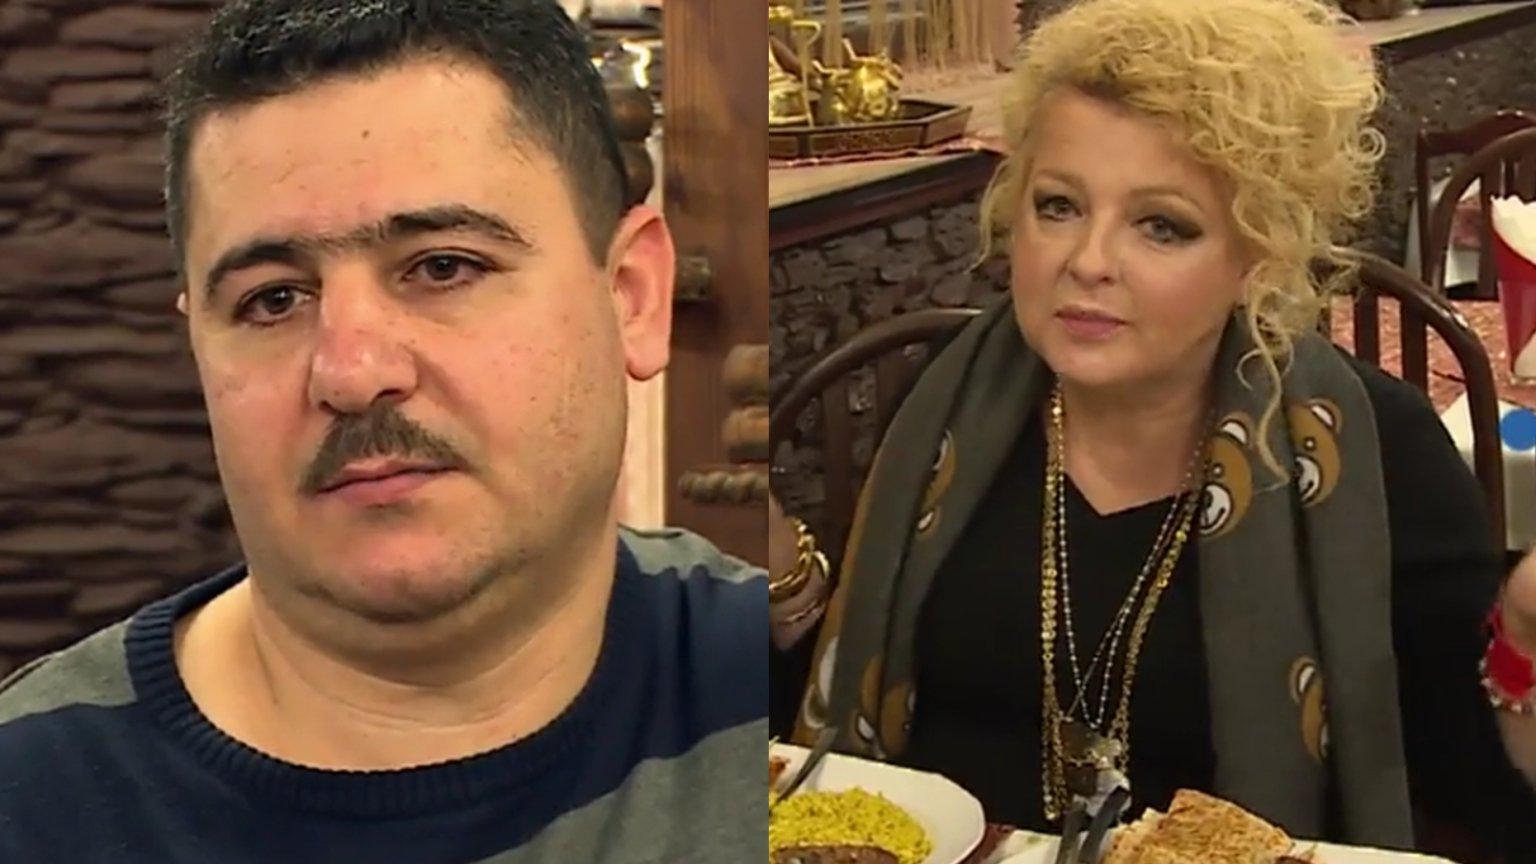 Kuchenne Rewolucje Syryjczycy Otworzyli Restaurację